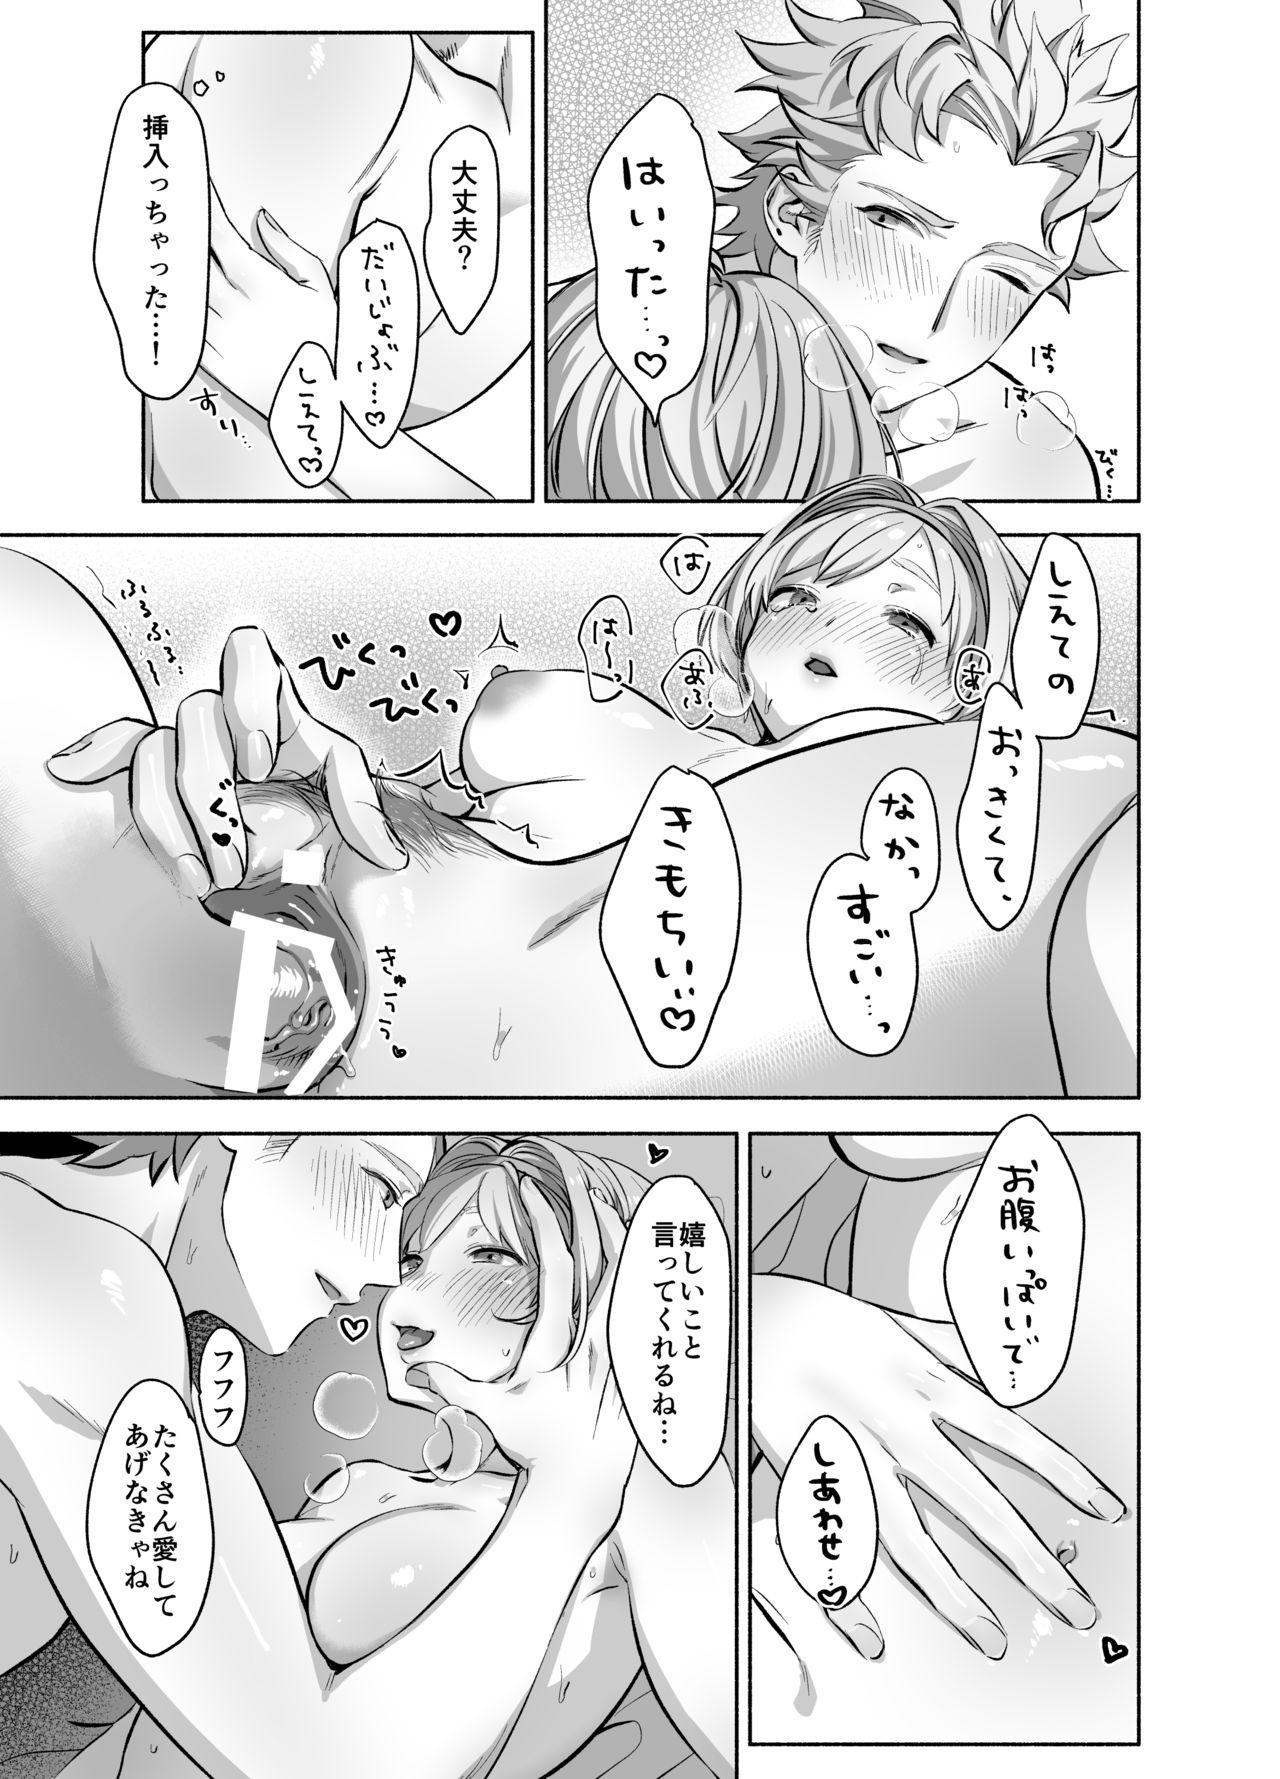 シエジタえっち漫画 16